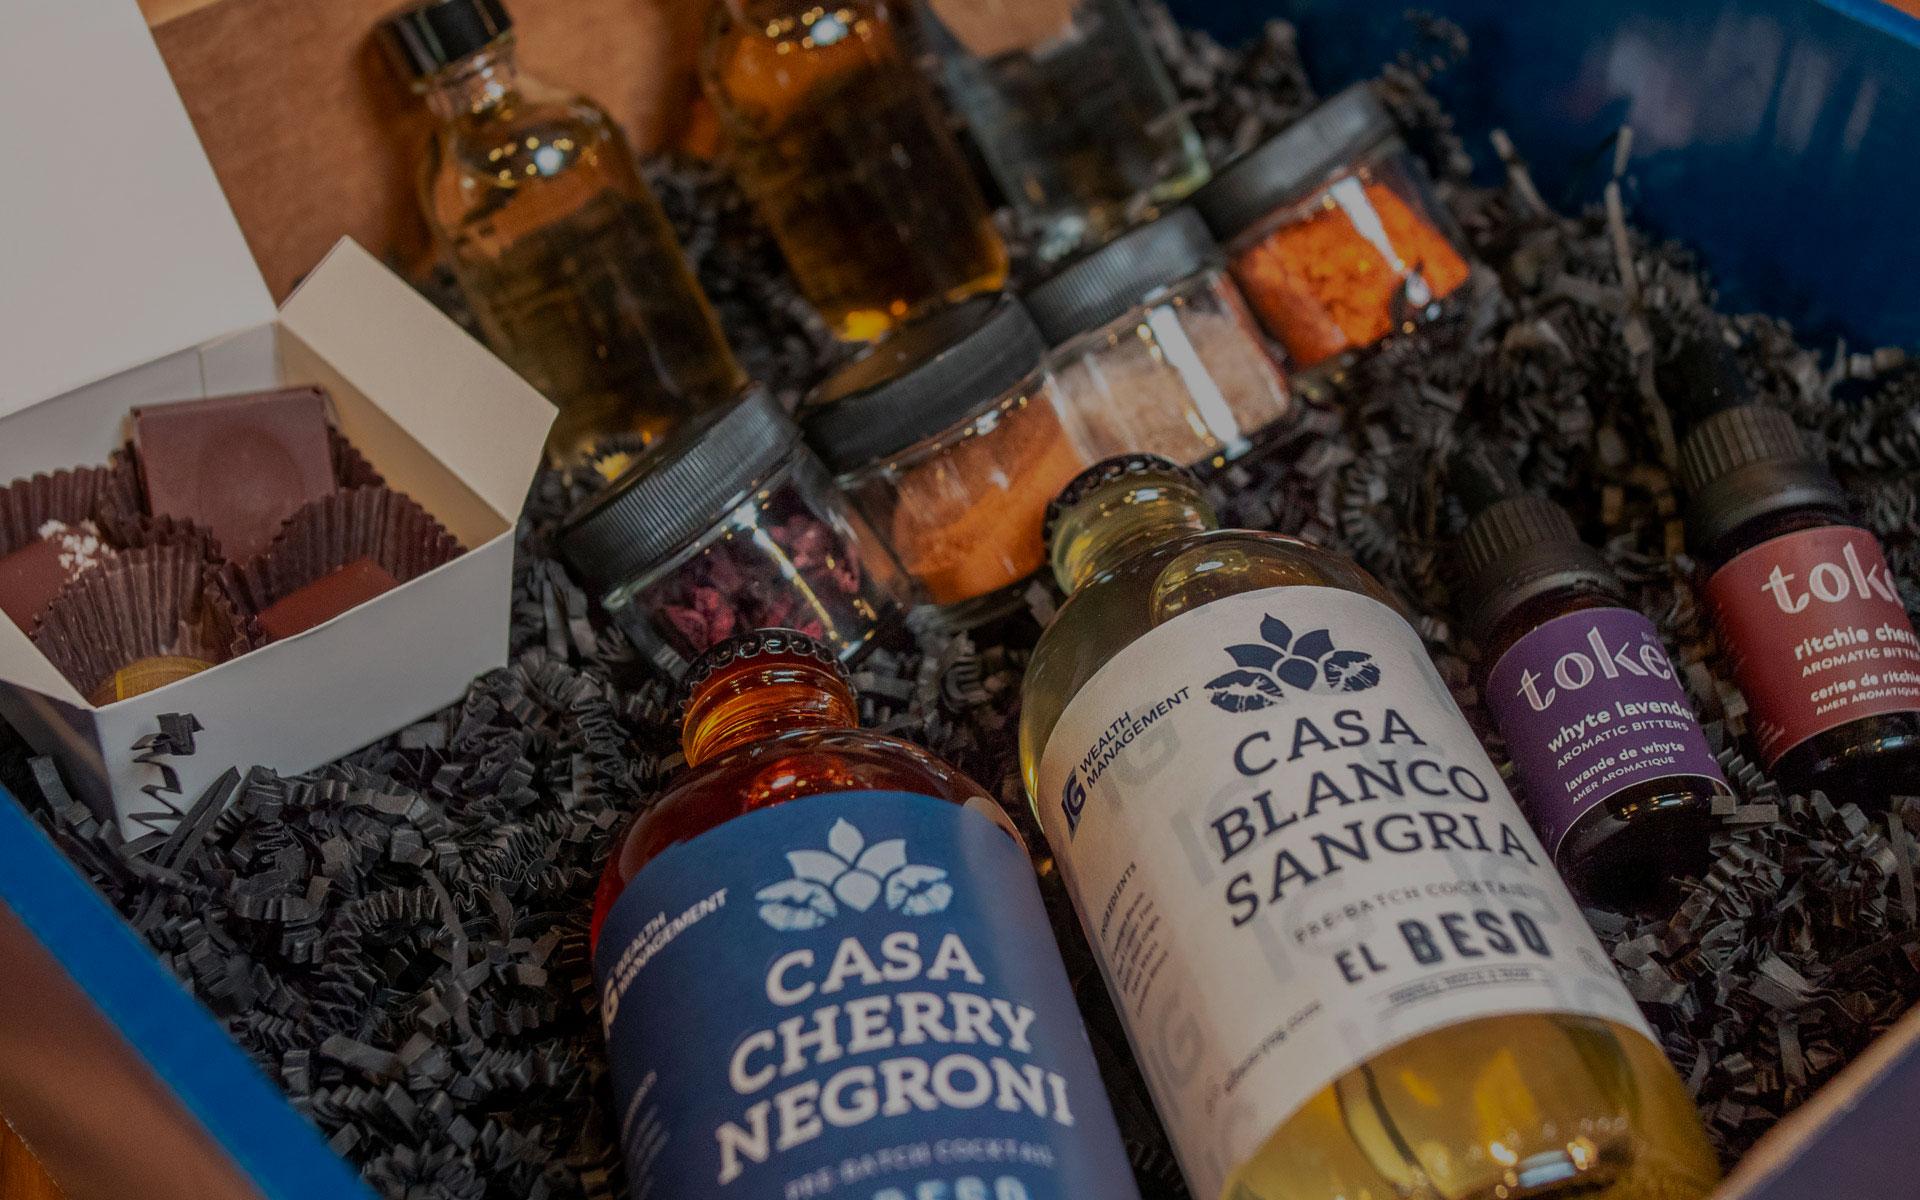 El Beso Cocktails